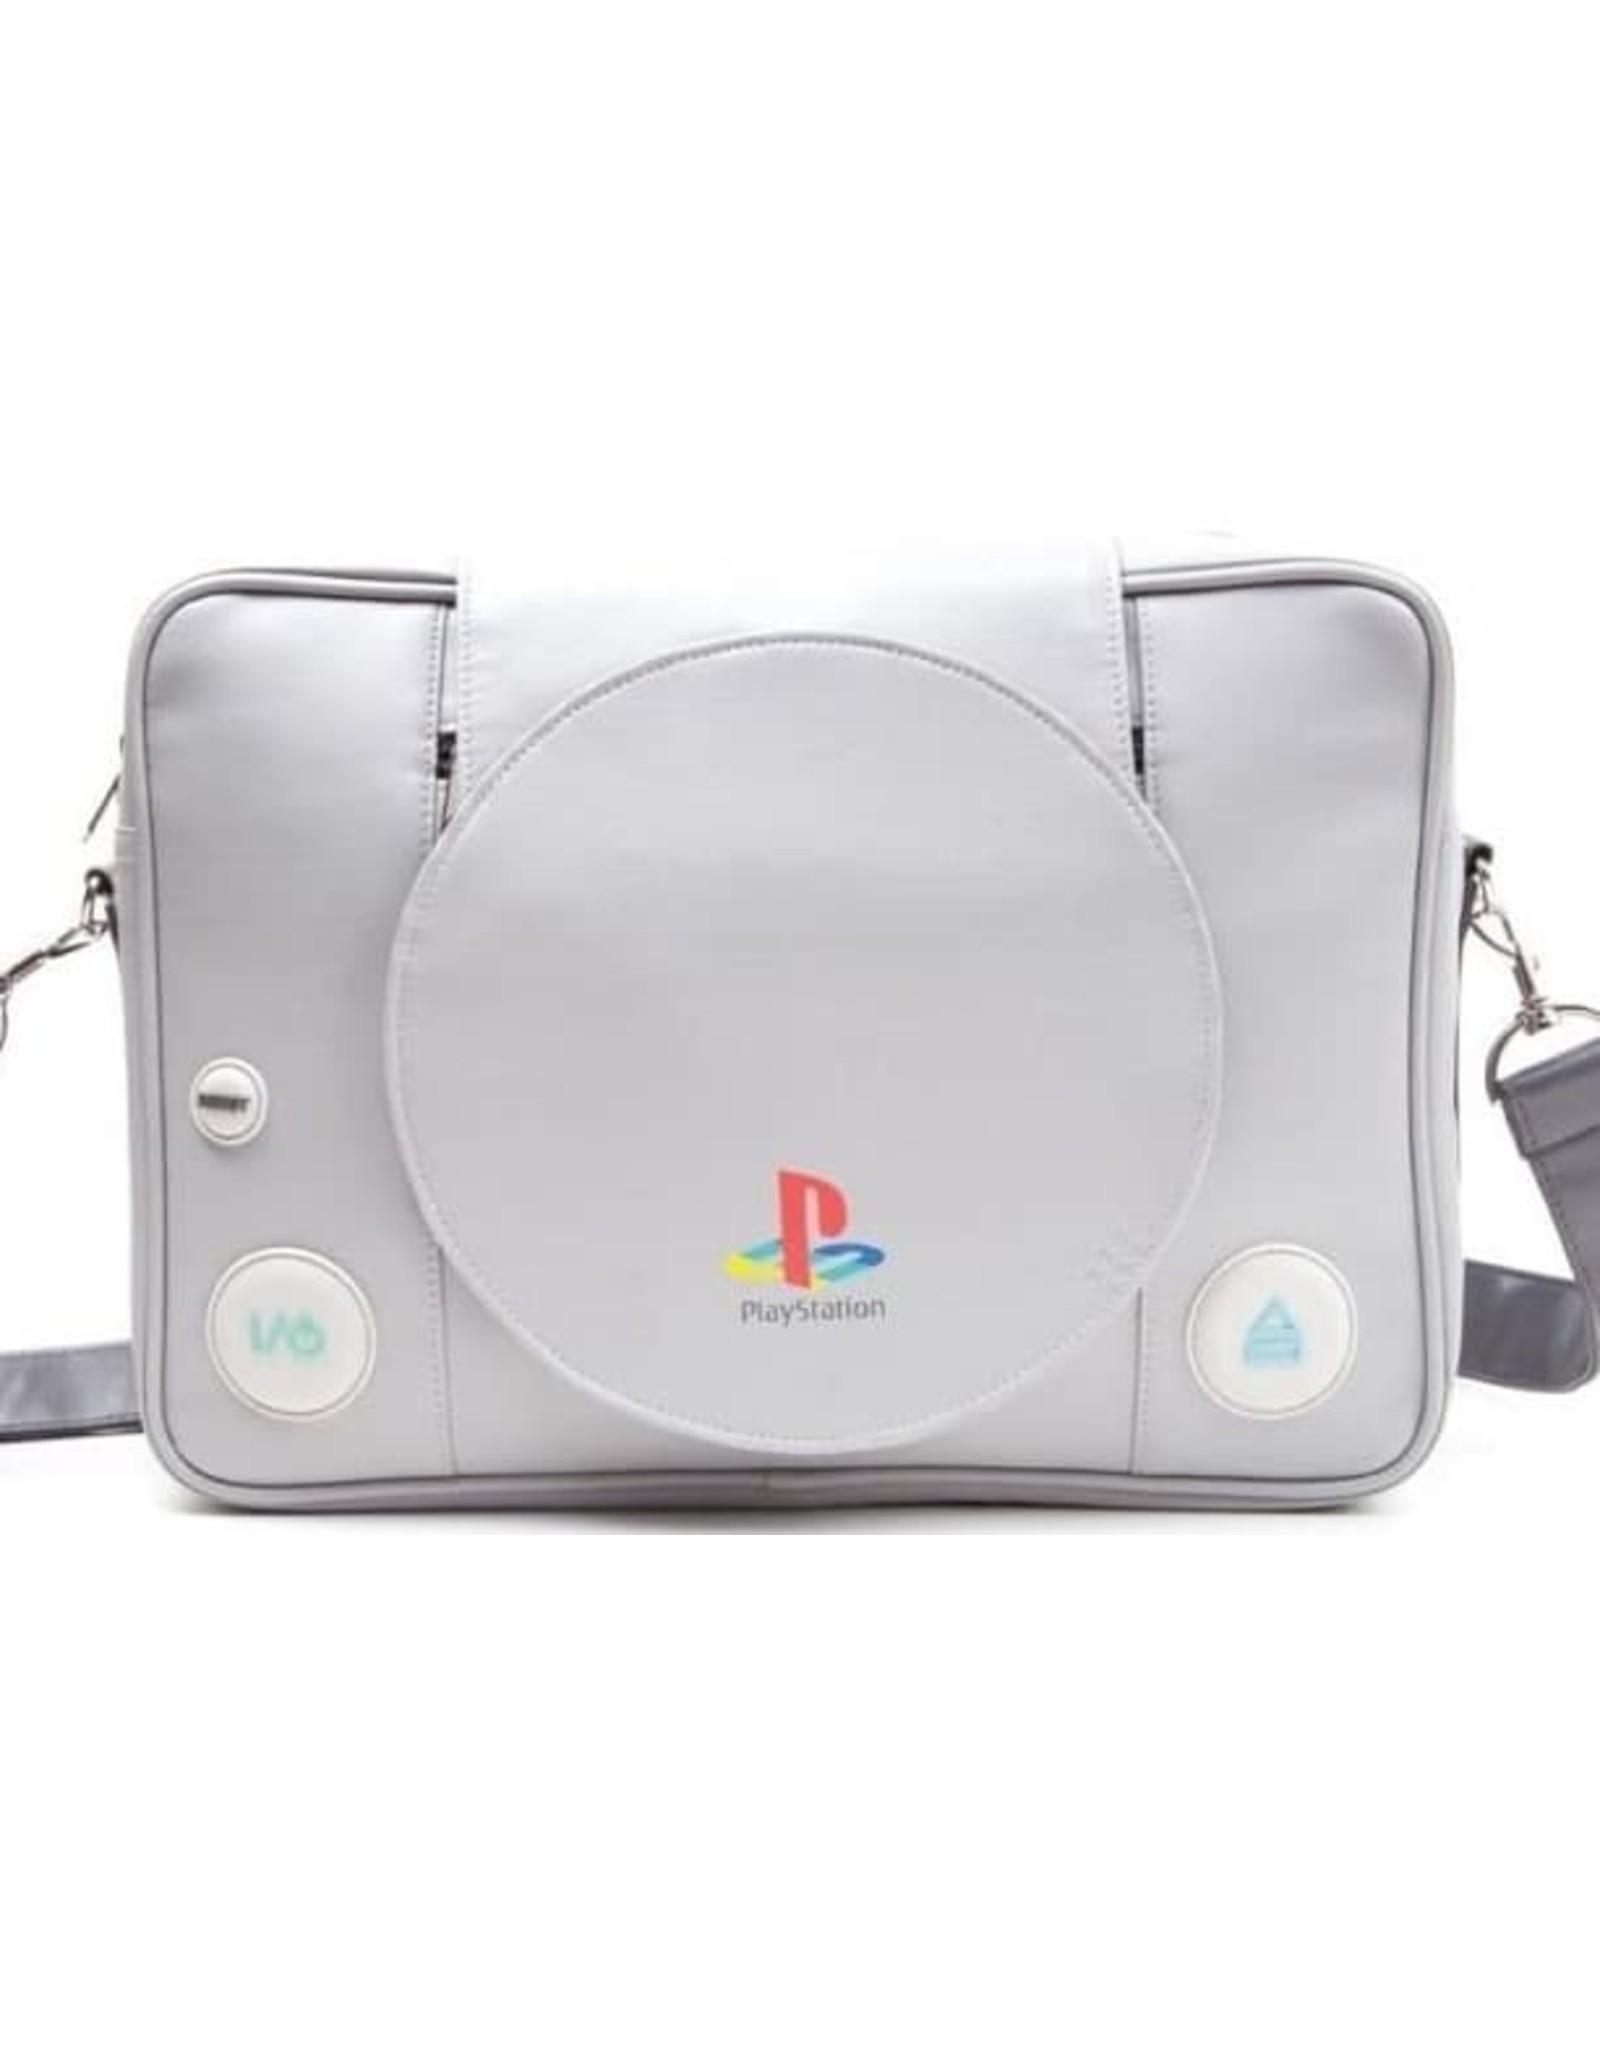 Playstation Merchandise tassen - Playstation schoudertas